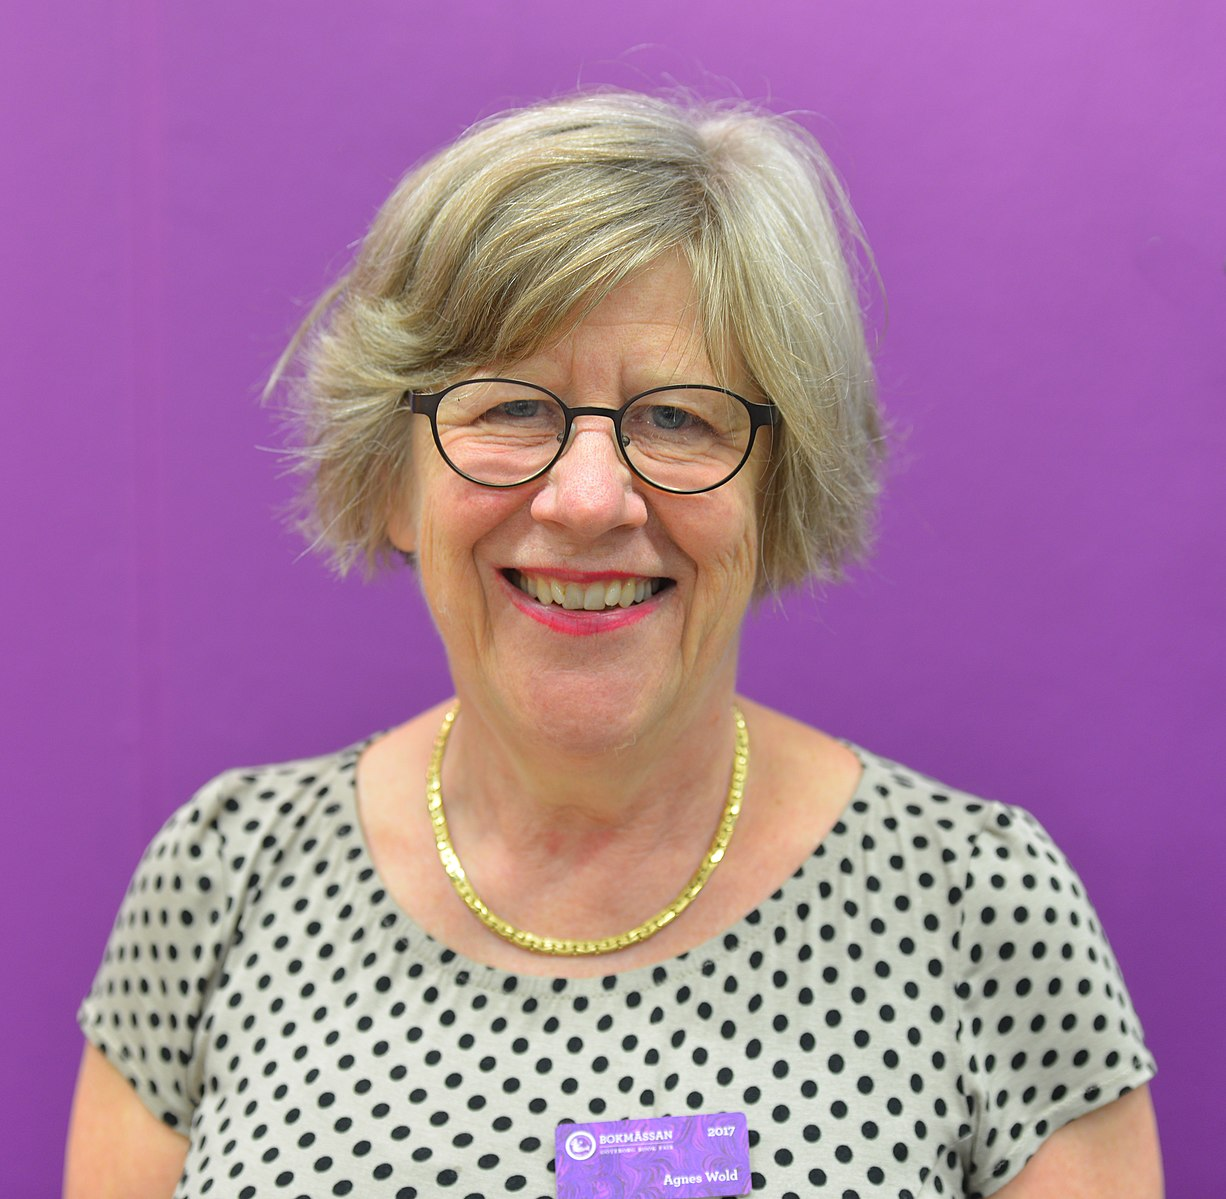 Professor Agnes Wold blundar för historievetenskapen när hon ifrågasätter att Jesus fanns